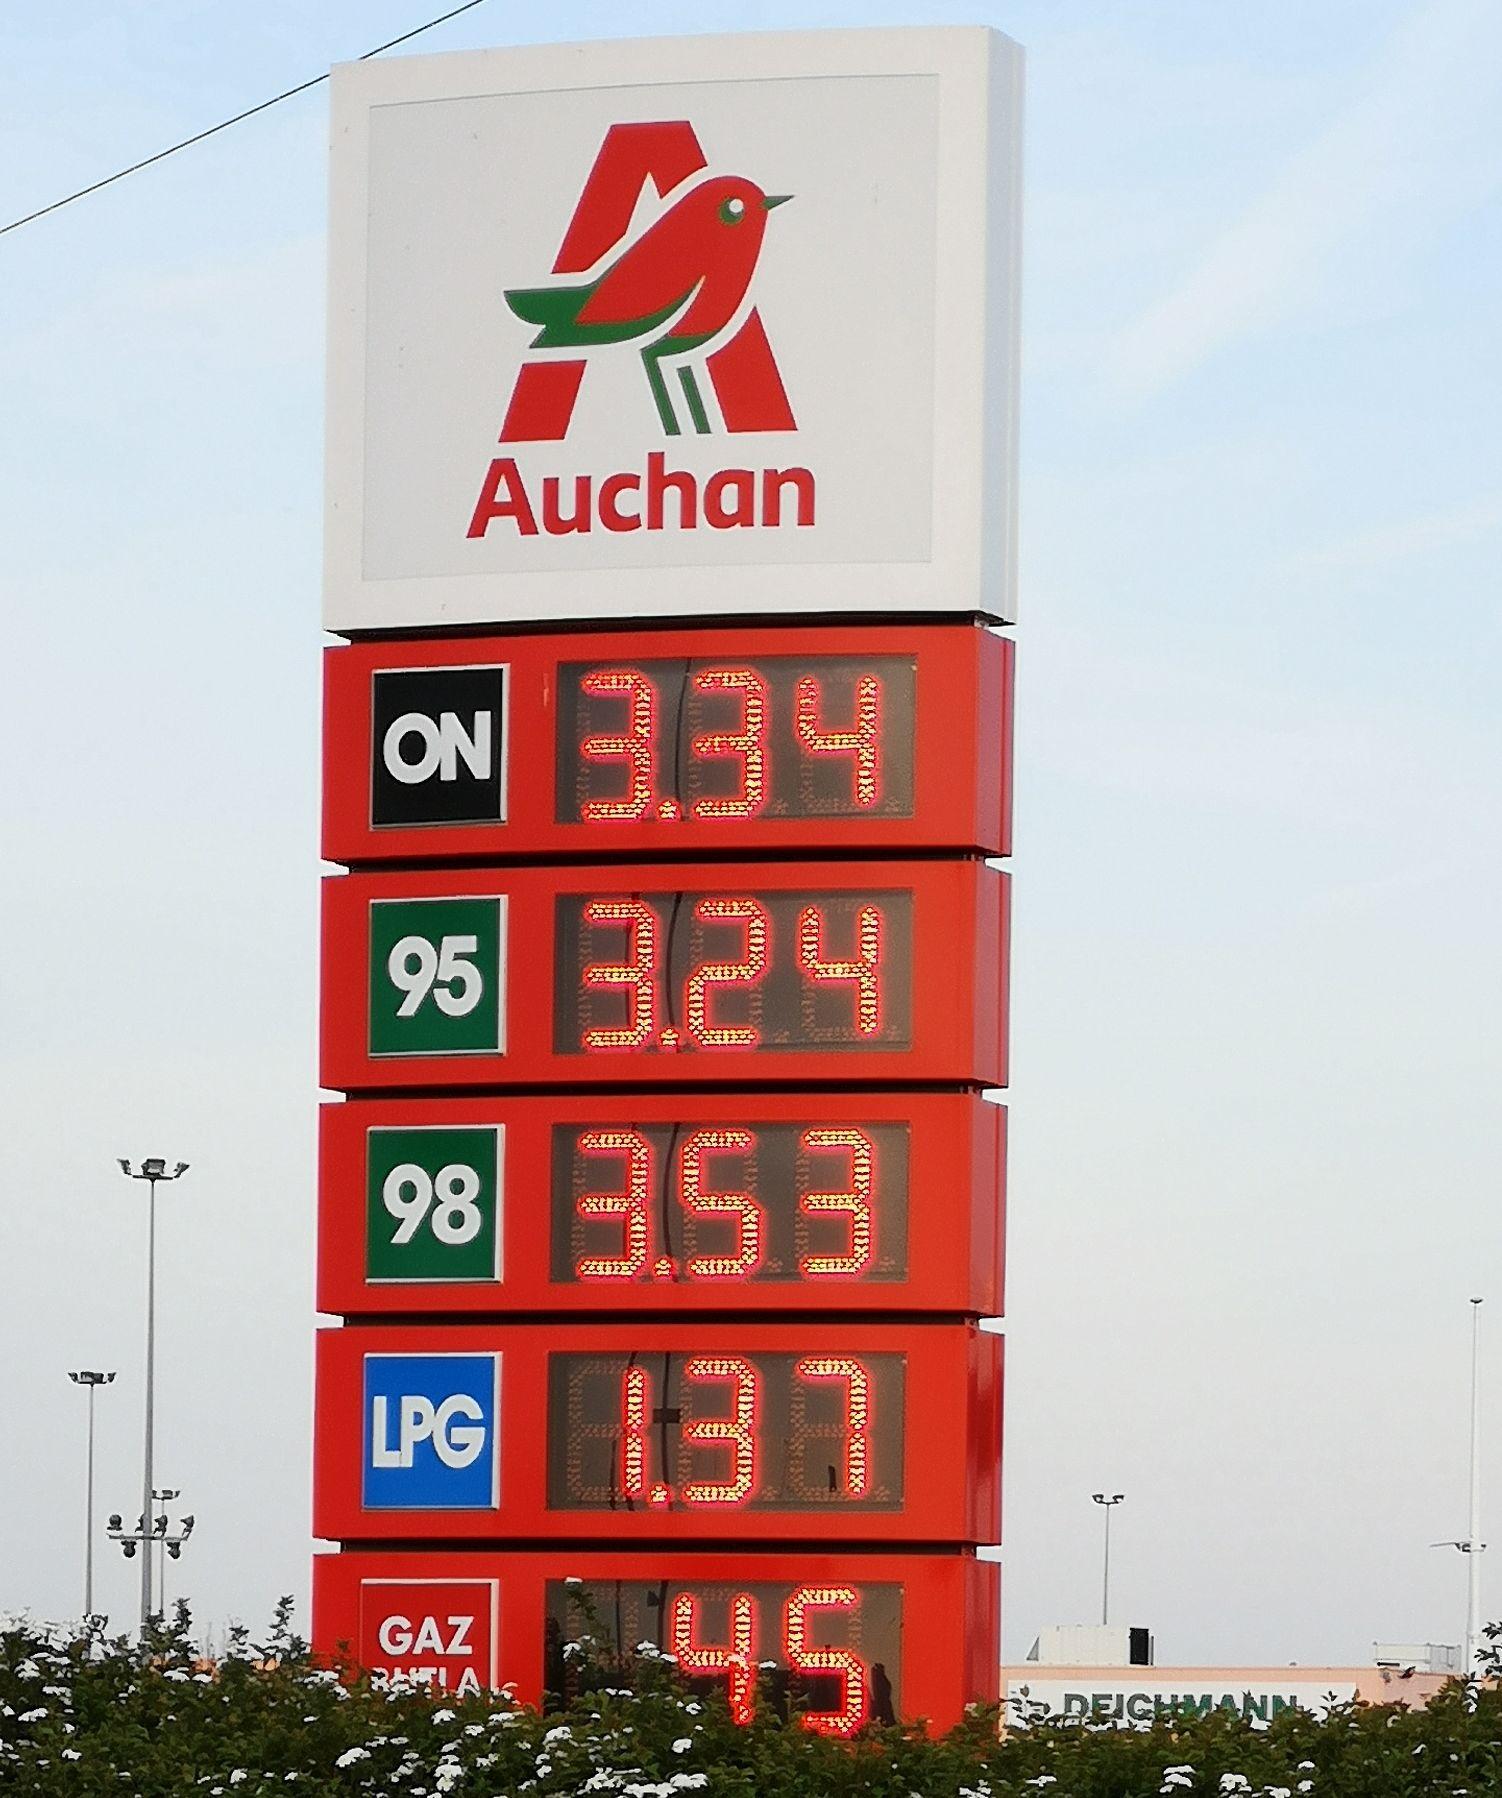 Jeszcze tańsze paliwo Auchan Komorniki : benzyna Pb95 - 3,24, Diesel ON - 3,34. Pb98 - 3,53. Gaz LPG - 1,37